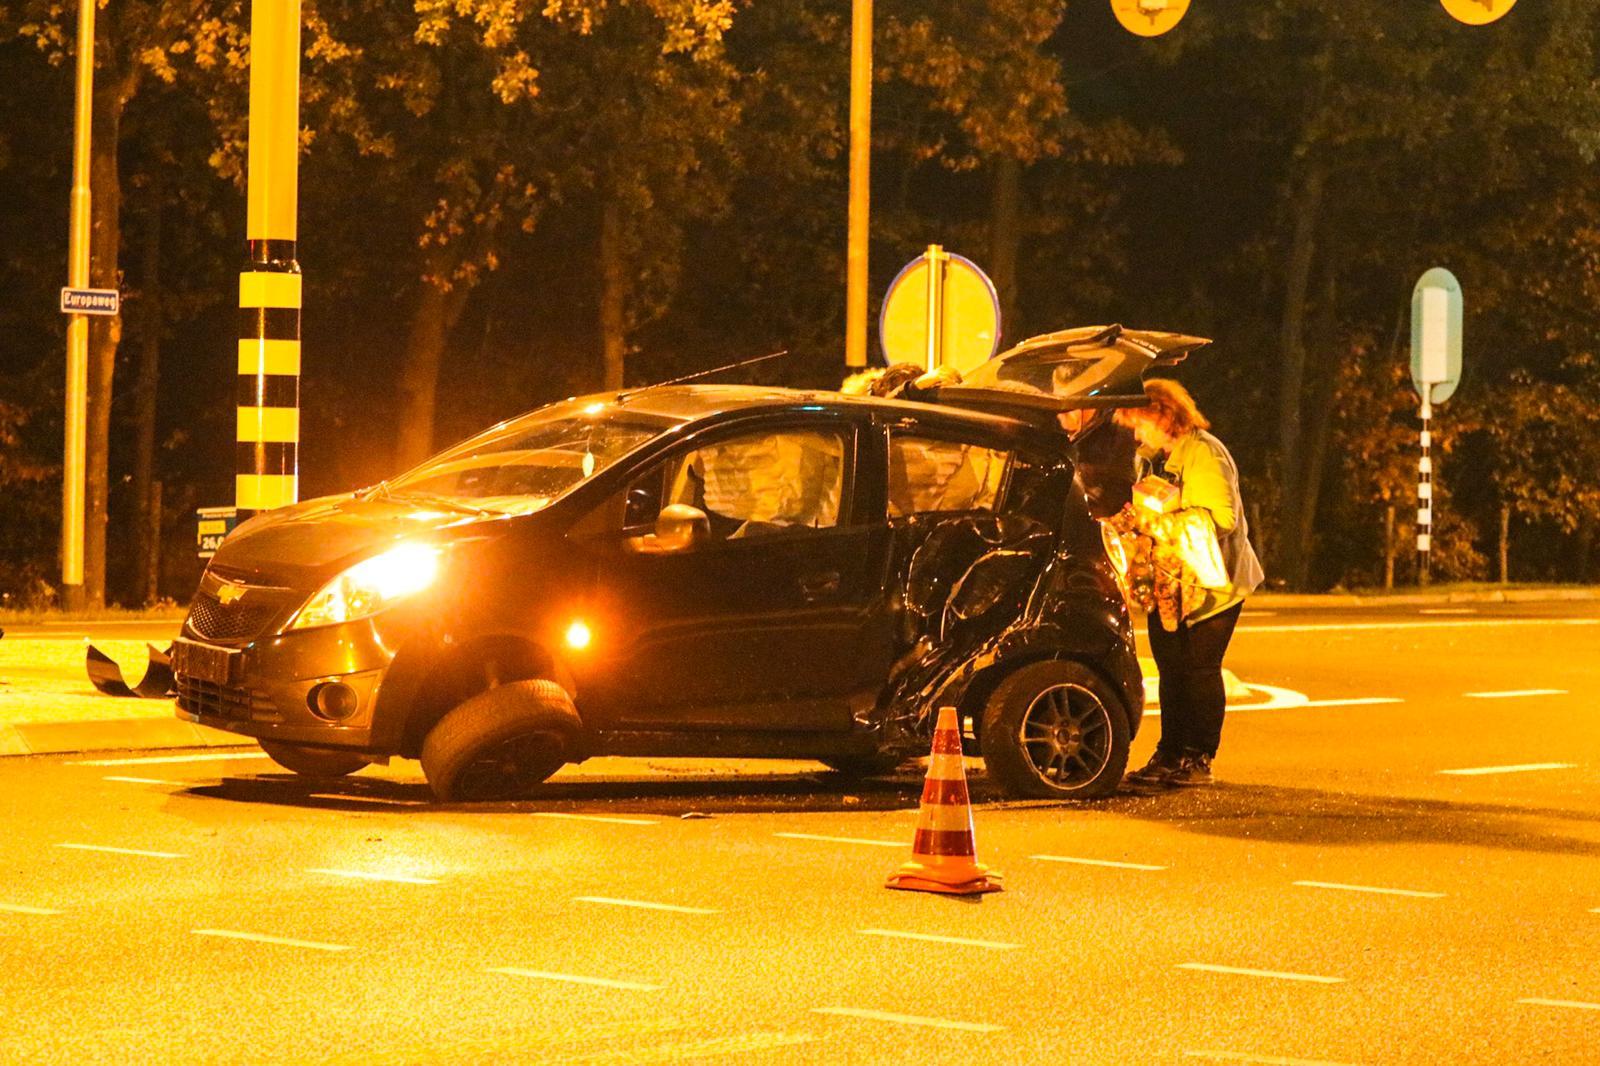 Eenzijdig ongeval op Europaweg; auto raakt zwaar beschadigd.